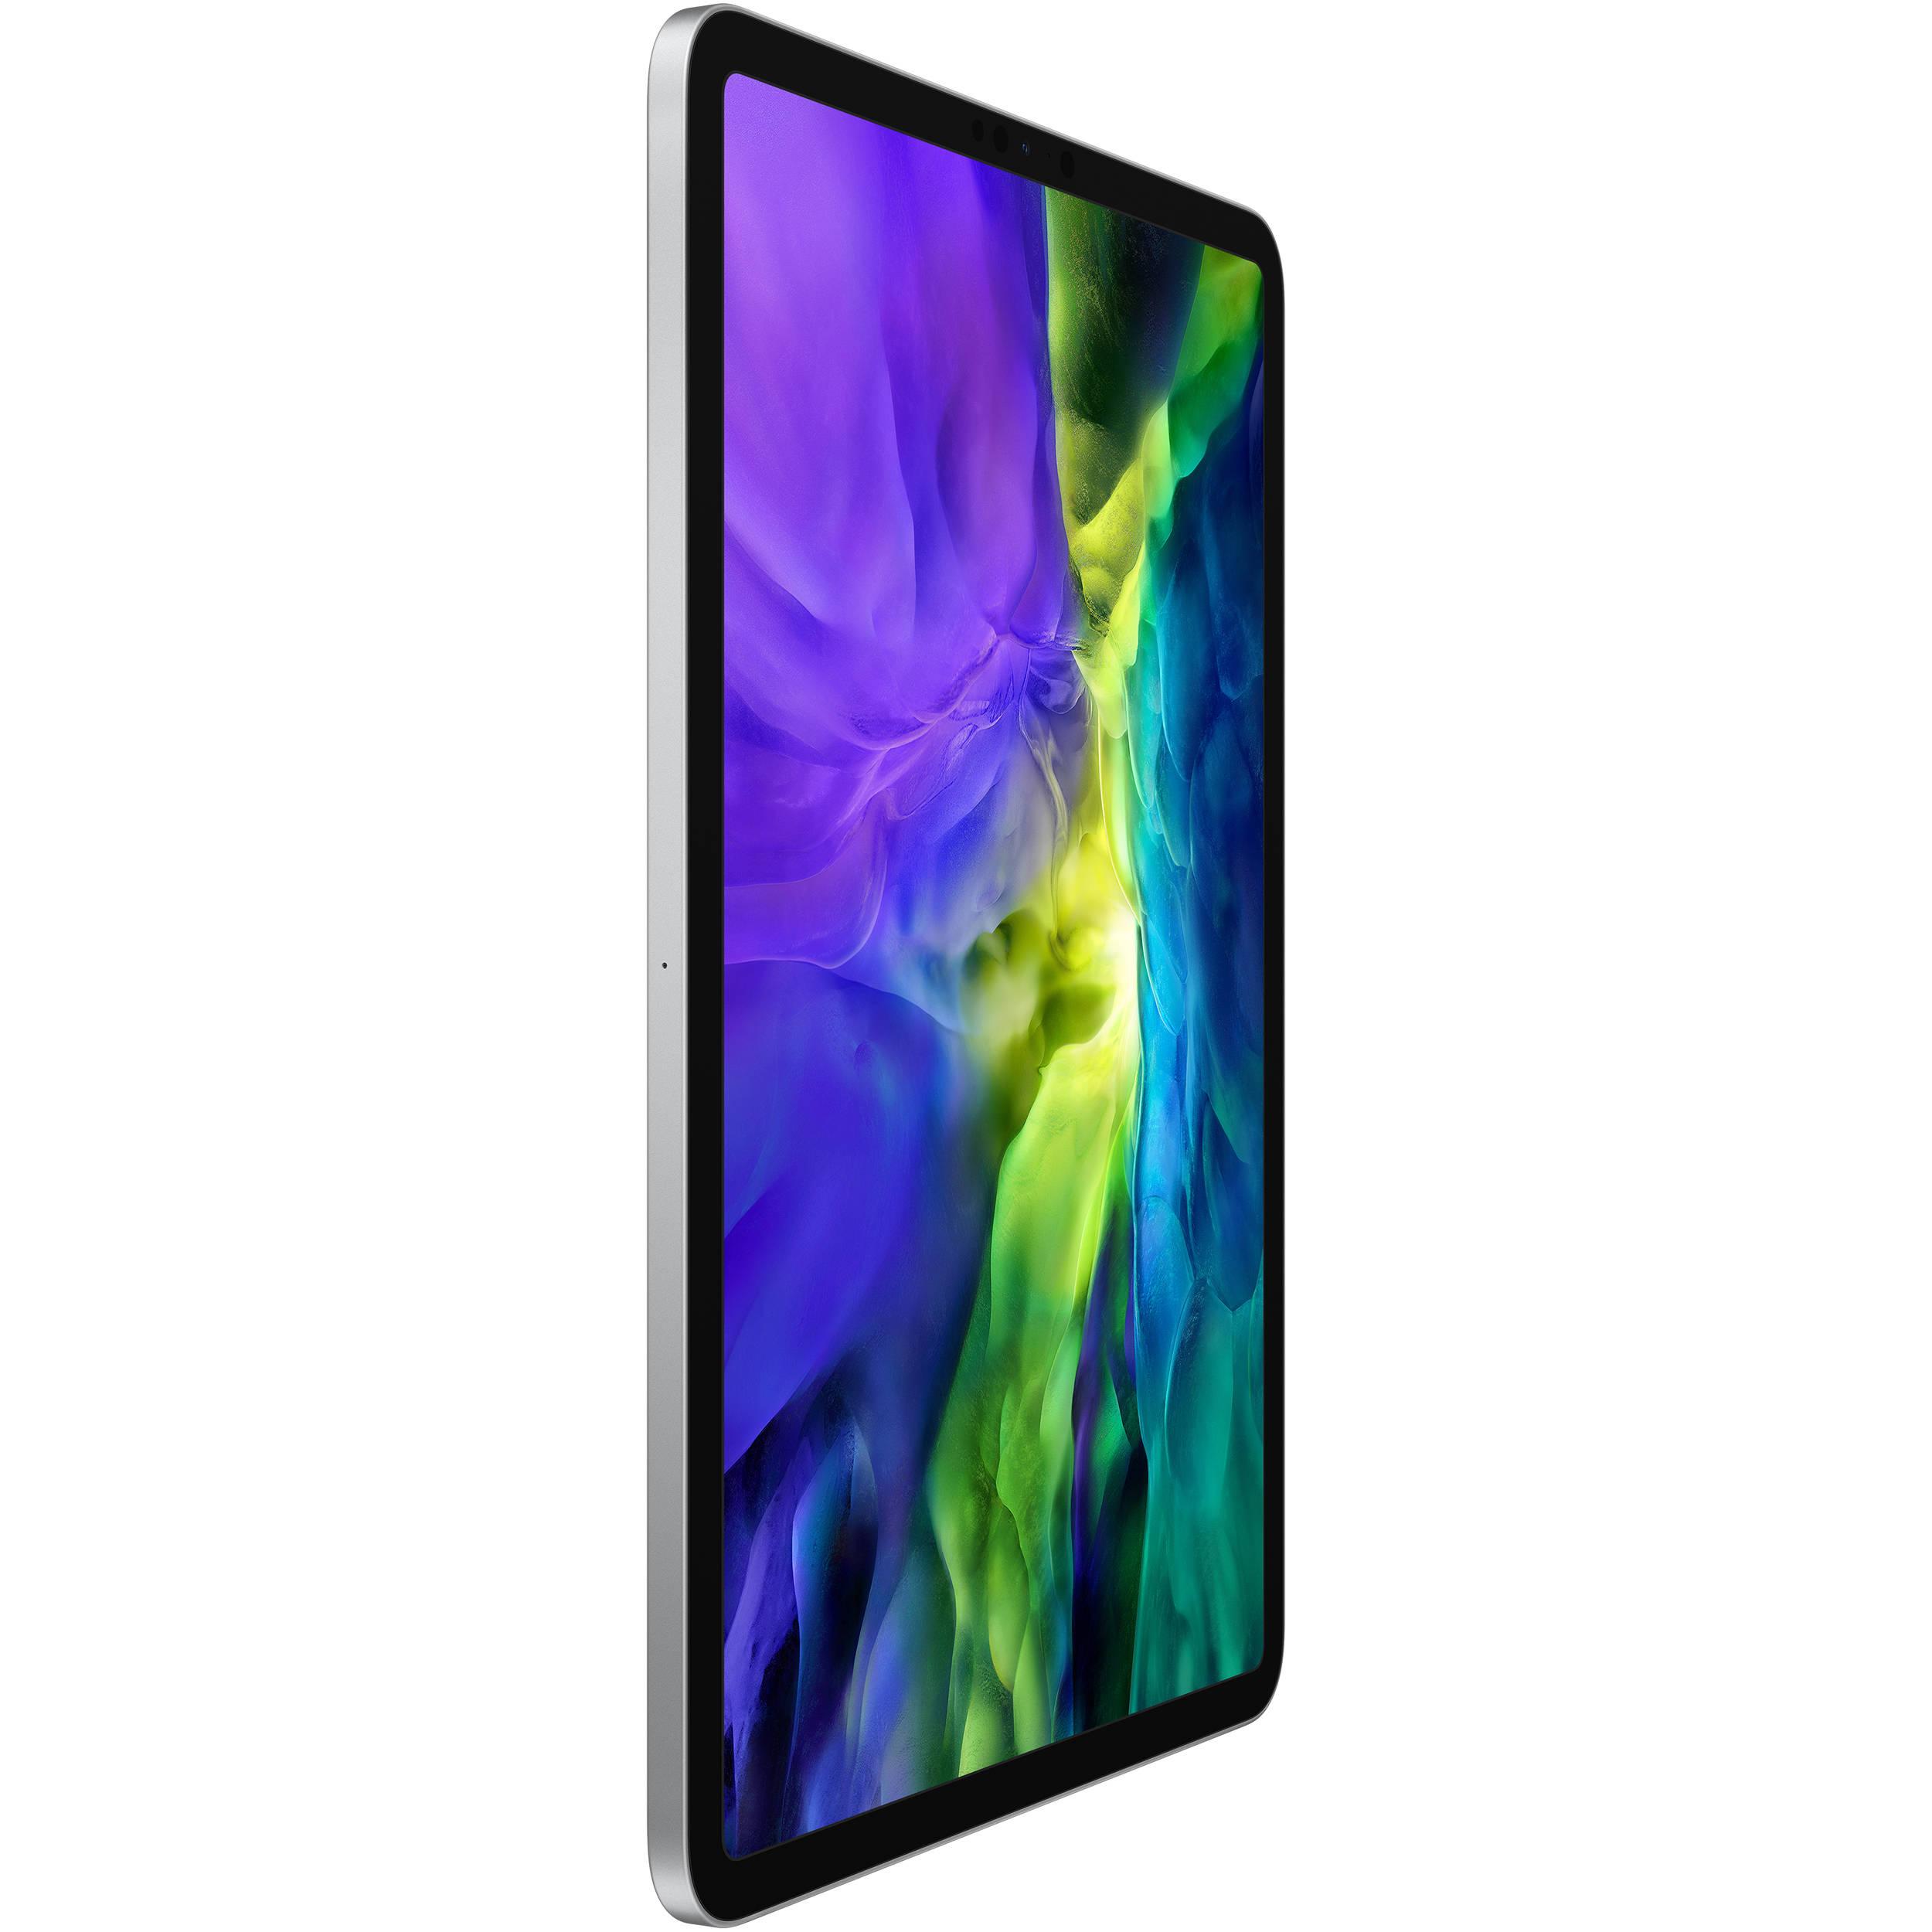 تبلت اپل مدل iPad Pro 11 inch 2020 WiFi ظرفیت 128 گیگابایت  main 1 9